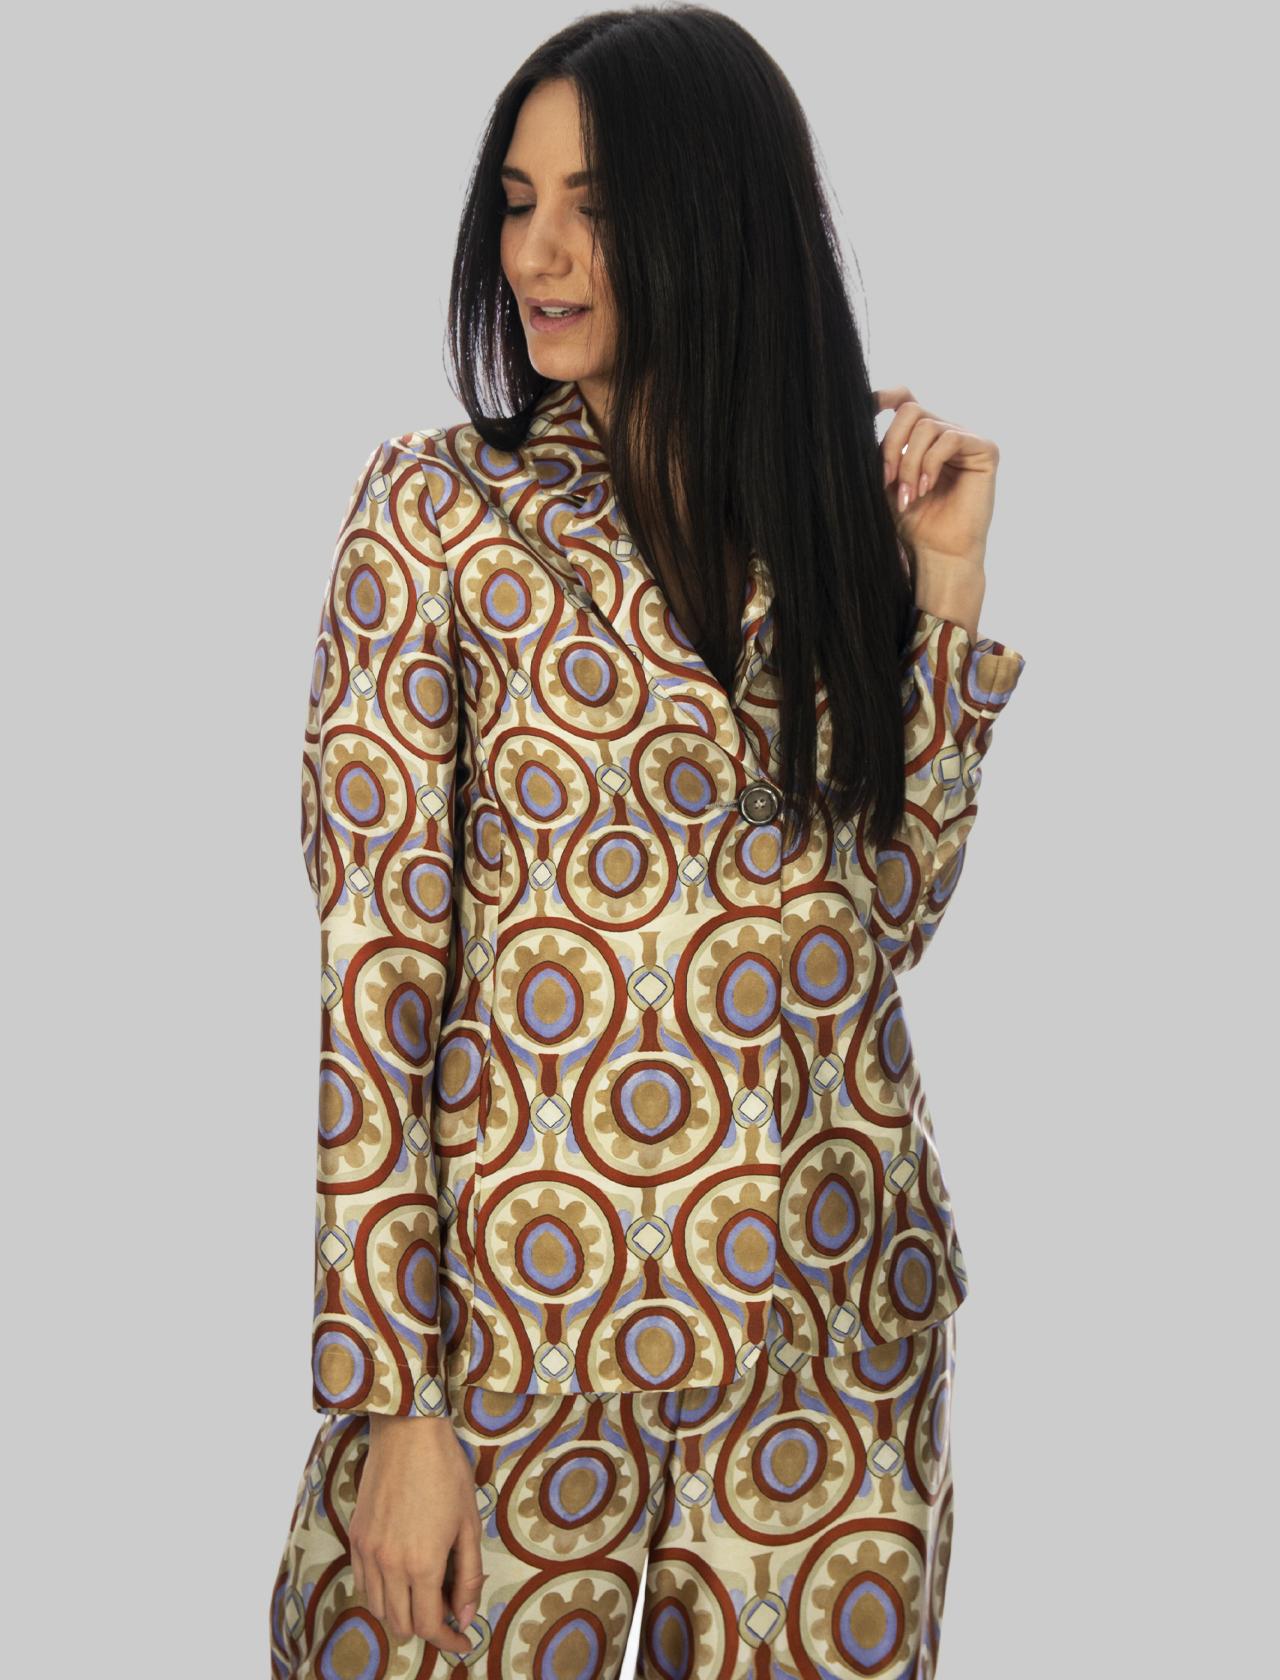 Abbigliamento Donna Giacca un Bottone Ottoman Twill in Beige e Malva Maliparmi | Giacche e giubbini | JD625560046B1229